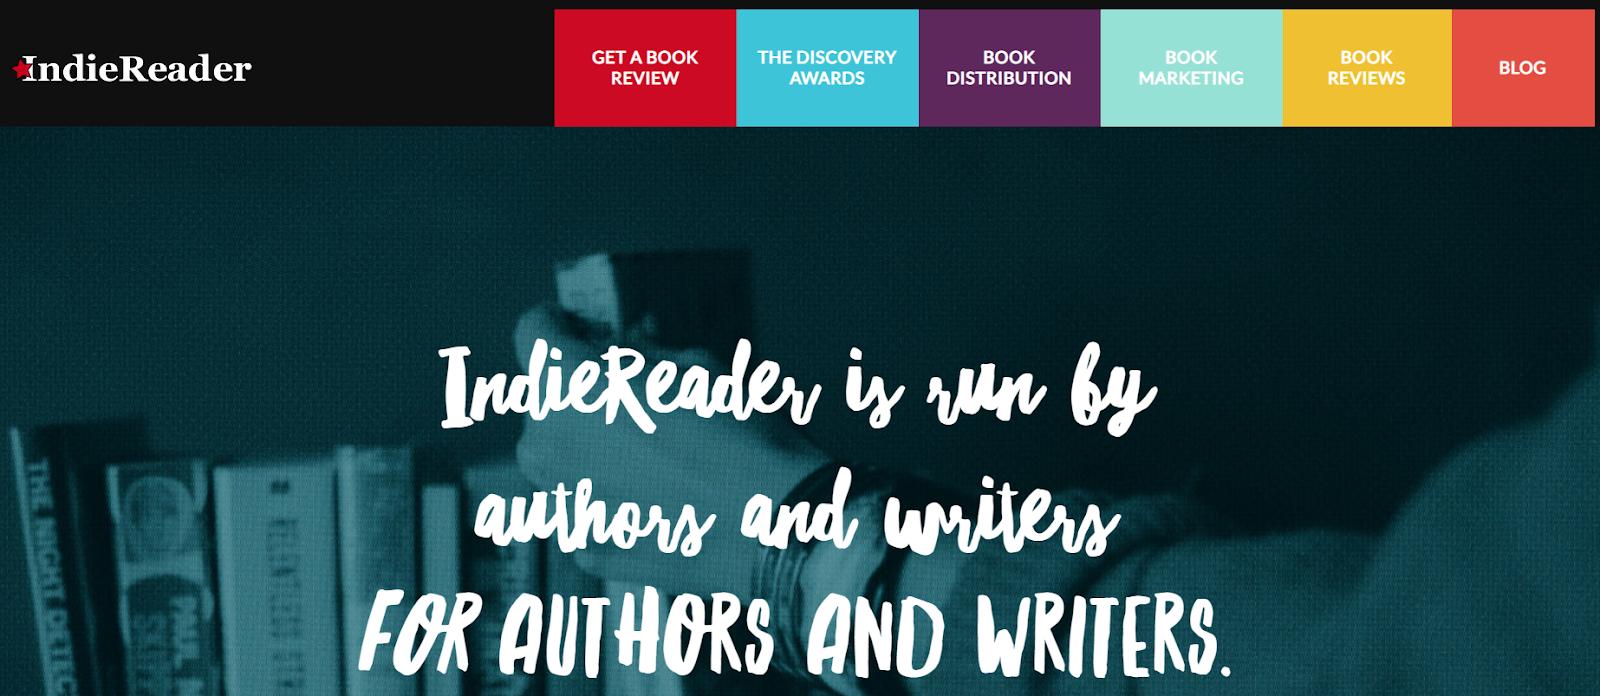 visit indiereader homepage